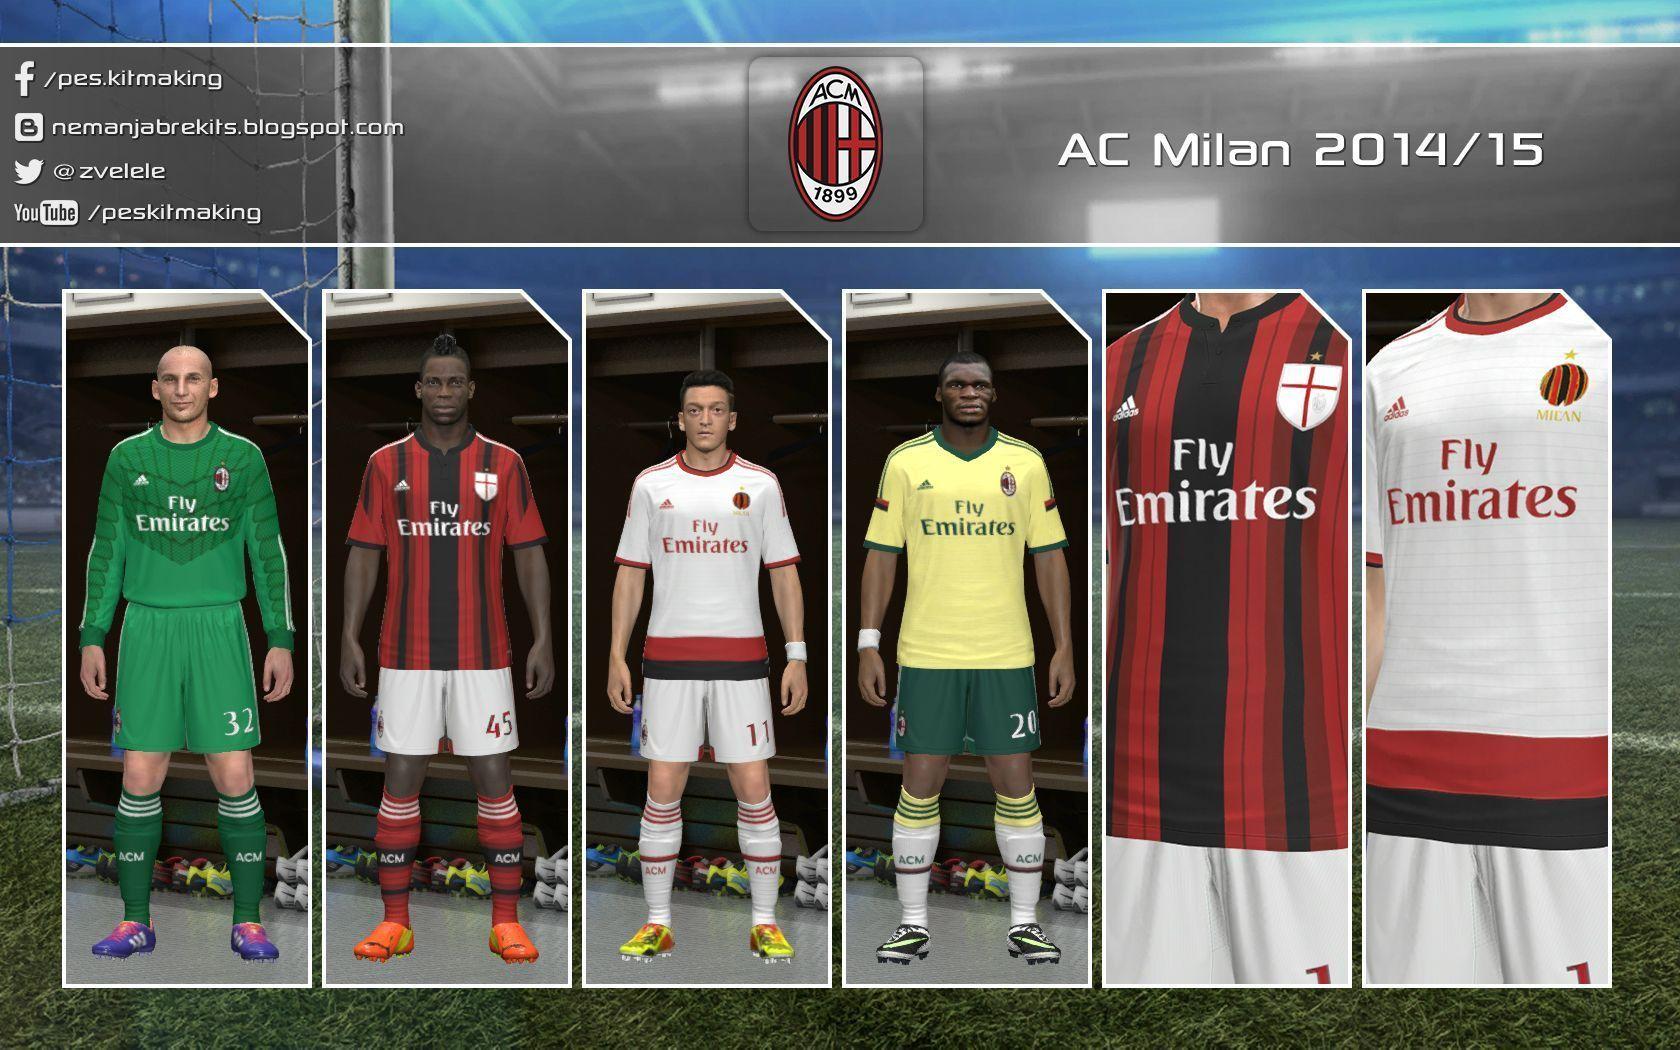 Ac Milan Wallpapers 2015 1680x1050